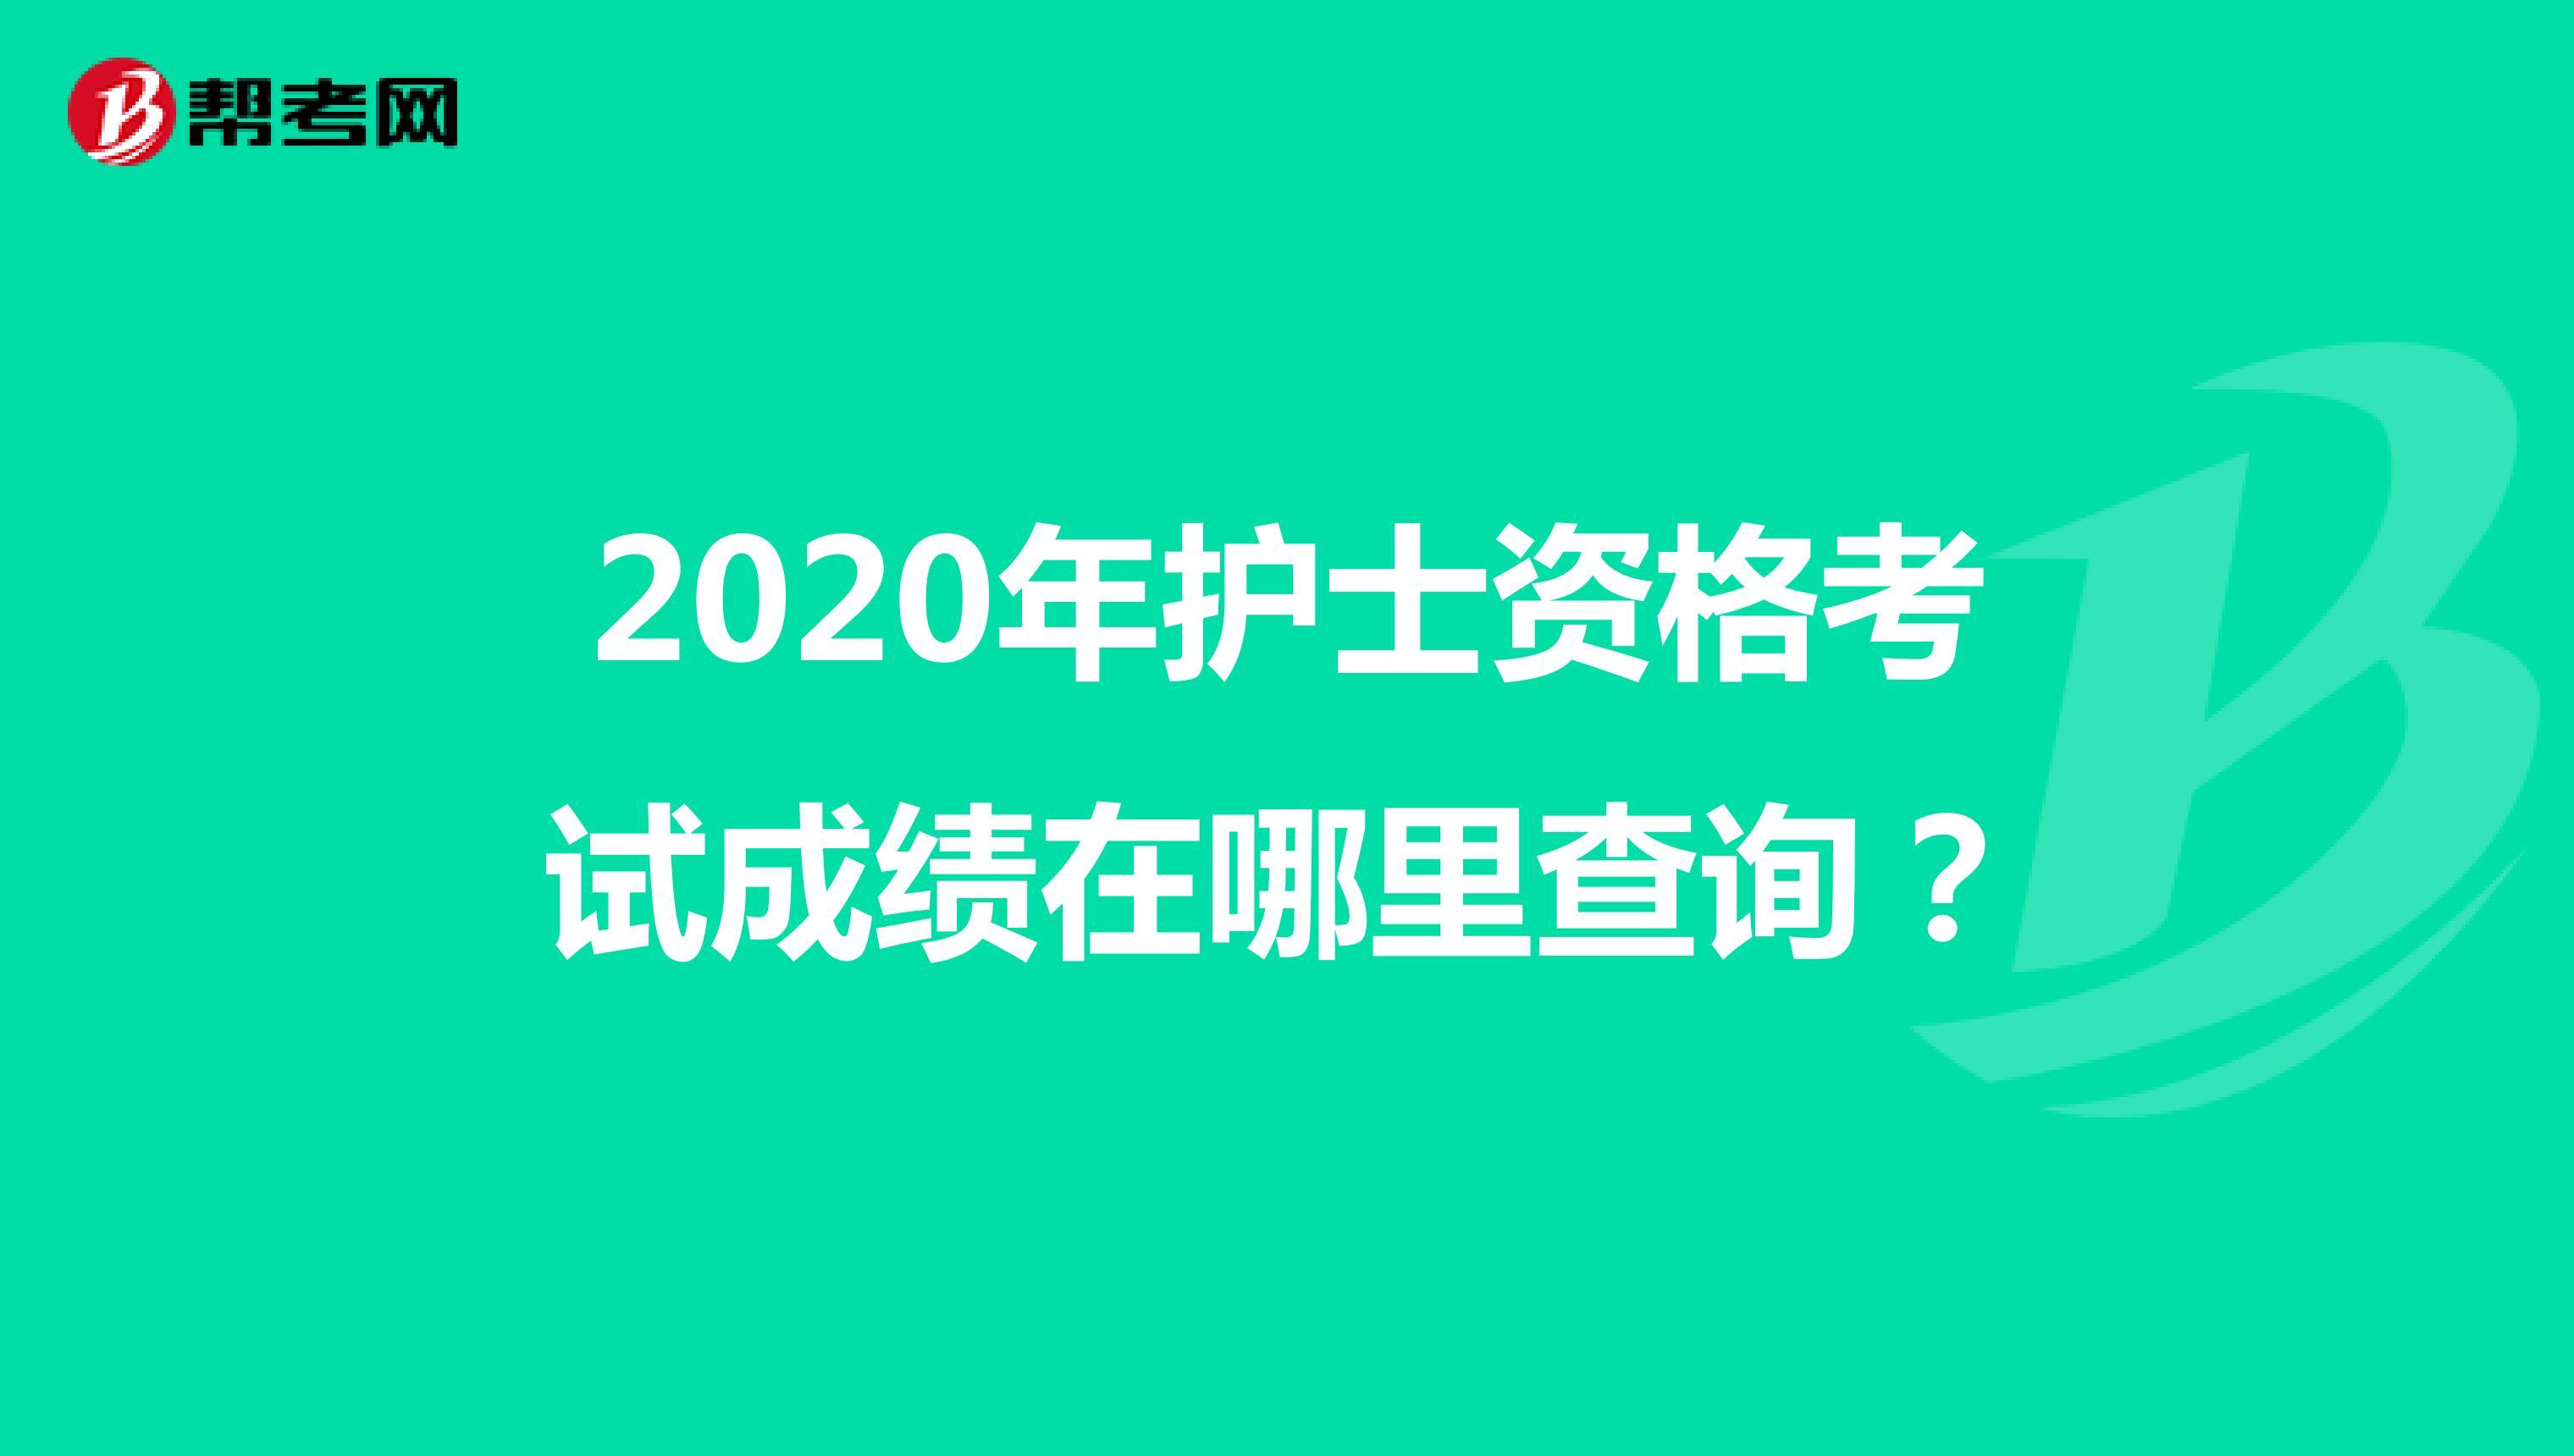 2020年护士资格考试成绩在哪里查询?